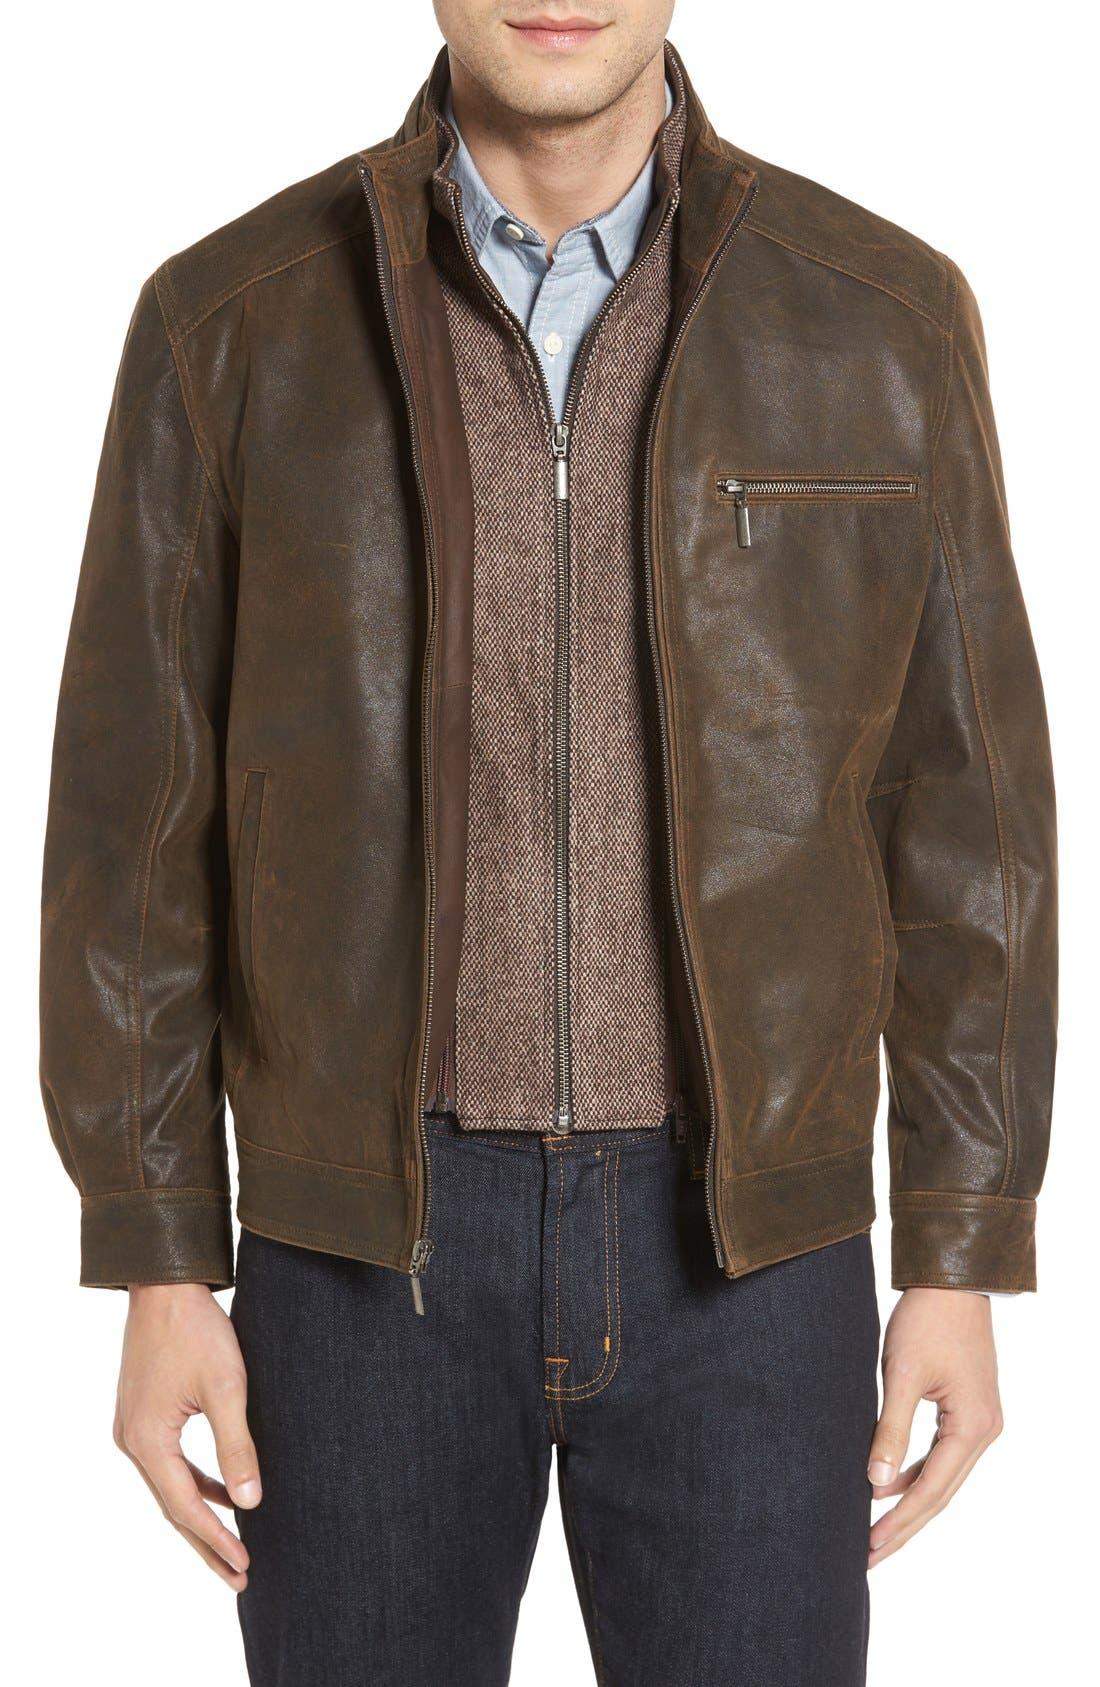 Missani Le Collezioni Vintage Lambskin Suede Jacket with Detachable Bib